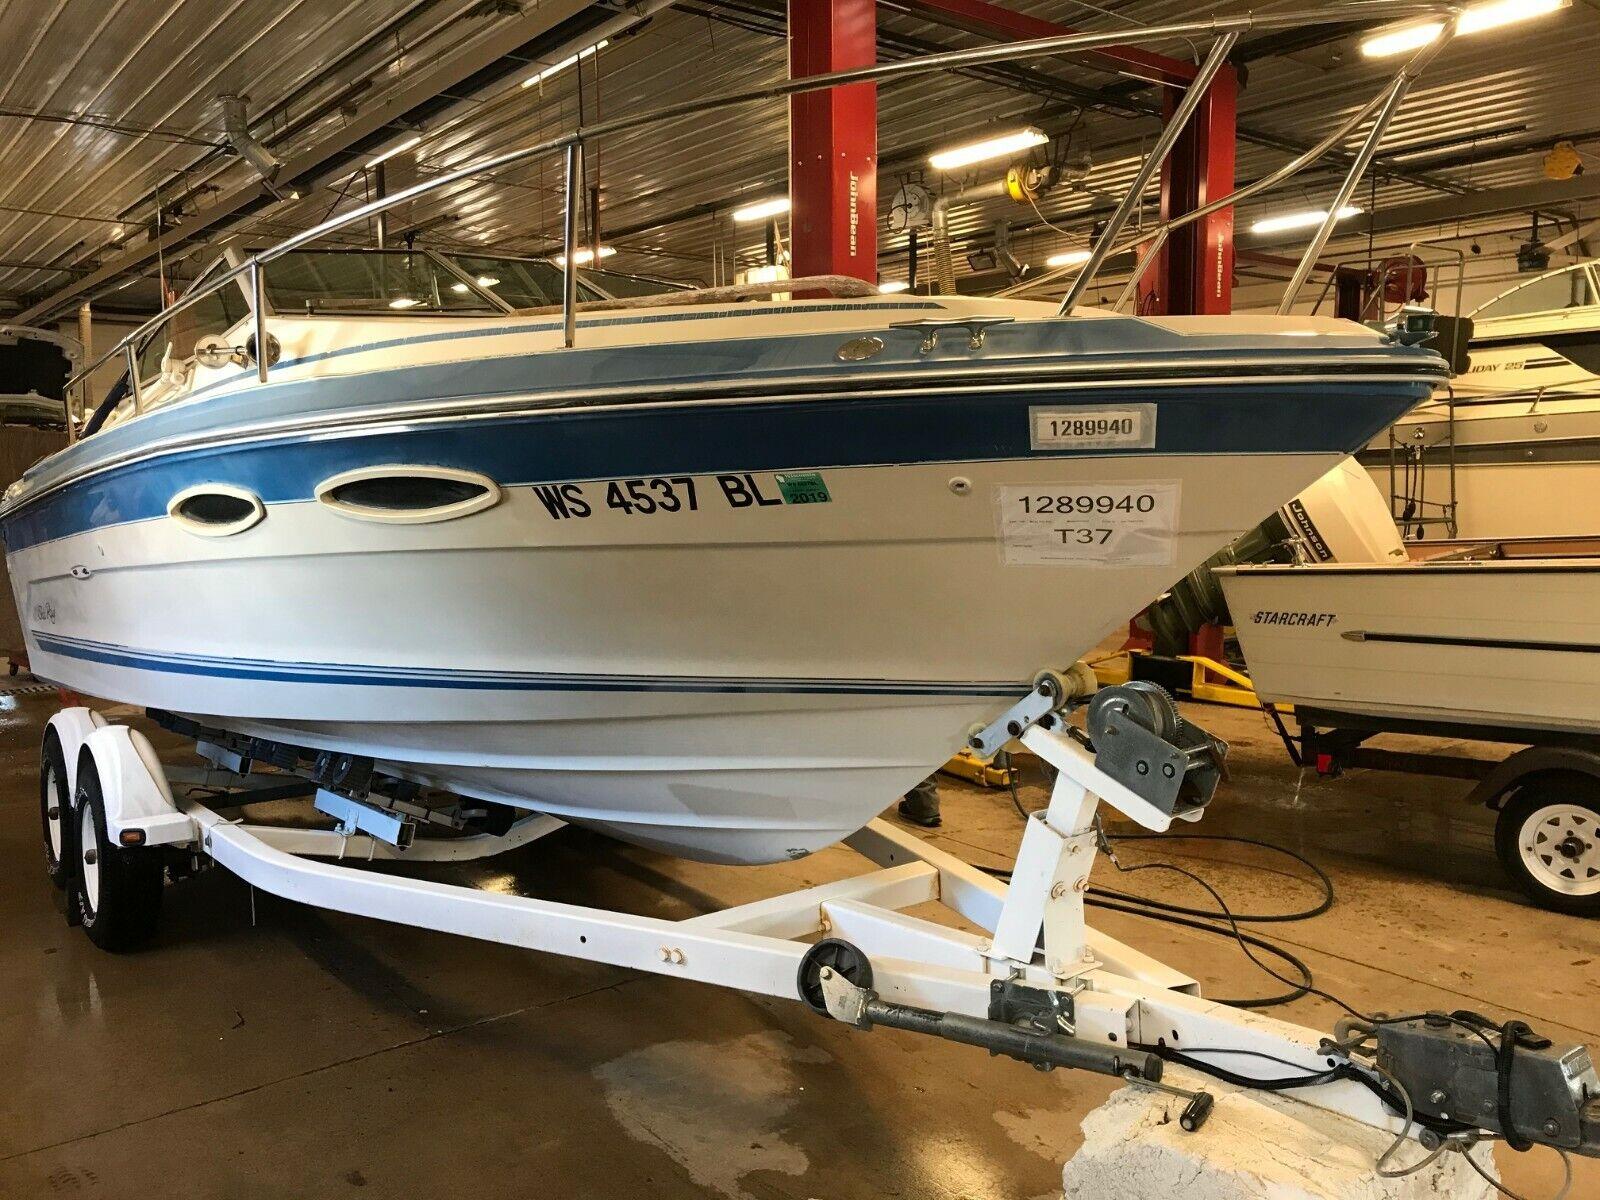 21' Sea Ray Cuddy Cabin 260HP Mercruiser EZ Loader Trailer T1289940